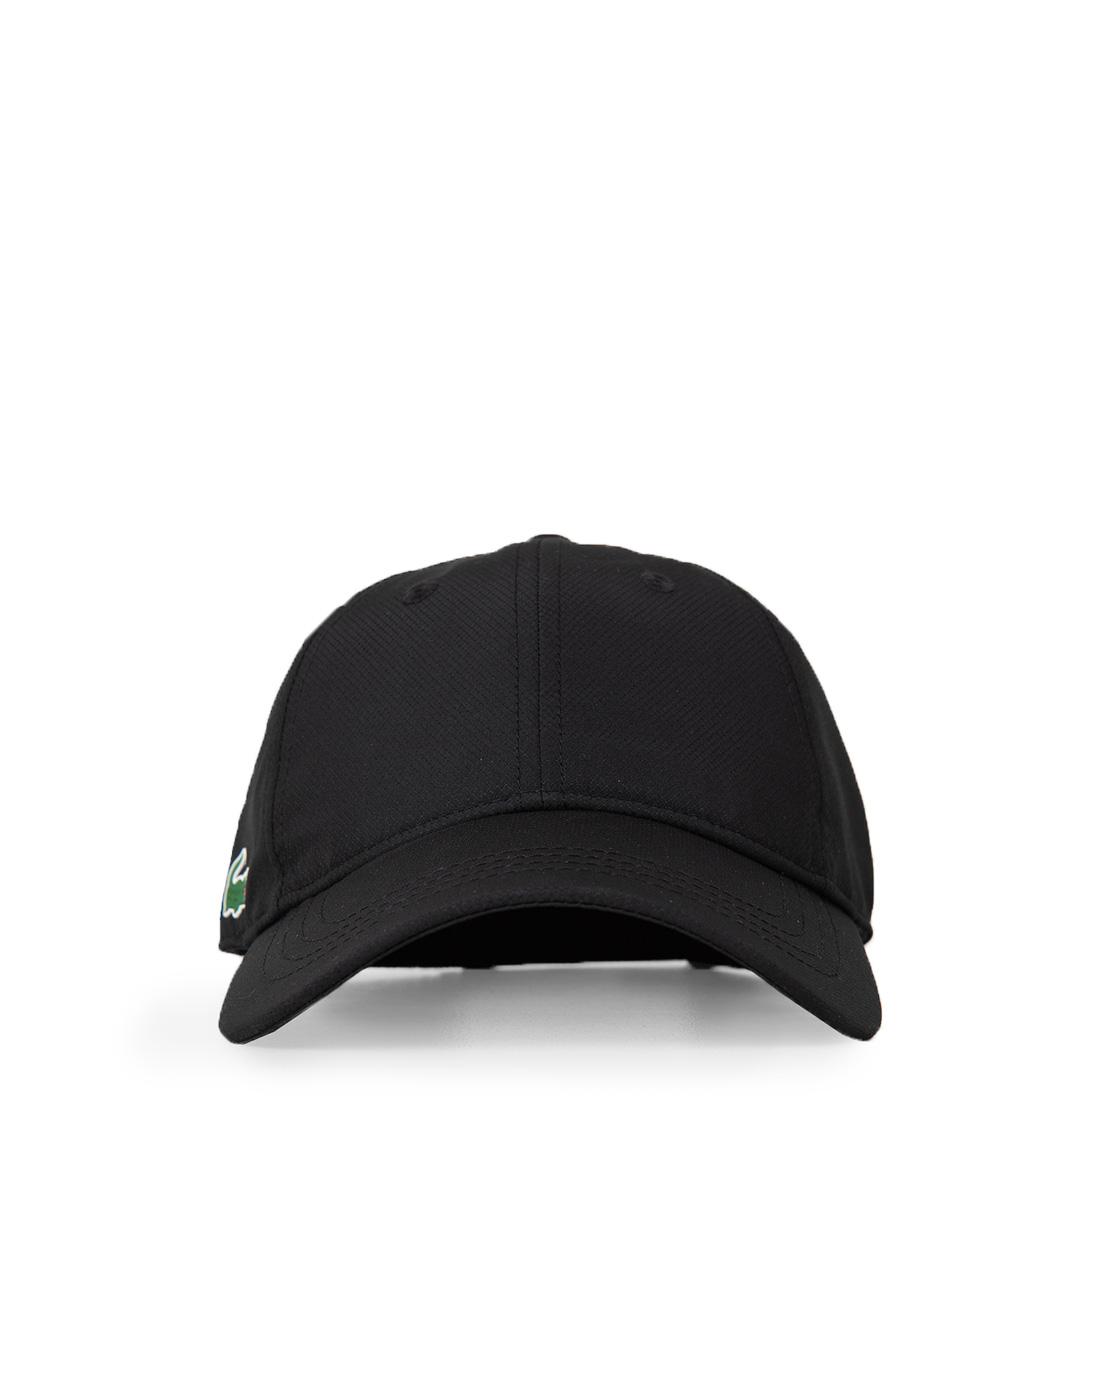 Lacoste Casquette Hat Black RK2447